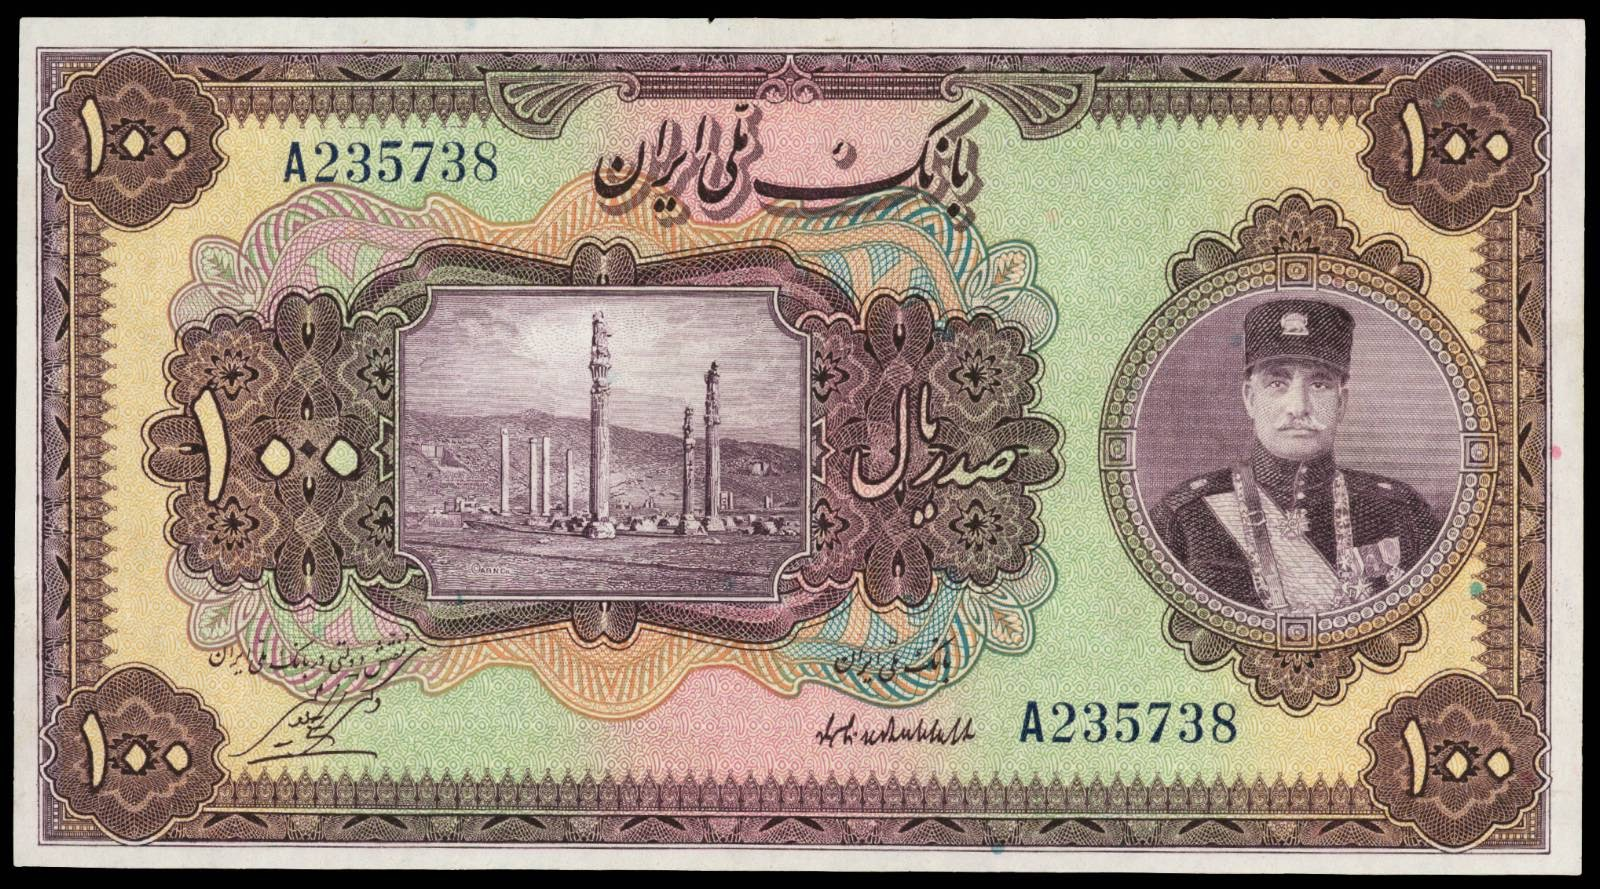 Iran banknotes 100 Rials bank note 1932 Reza Shah Pahlavi